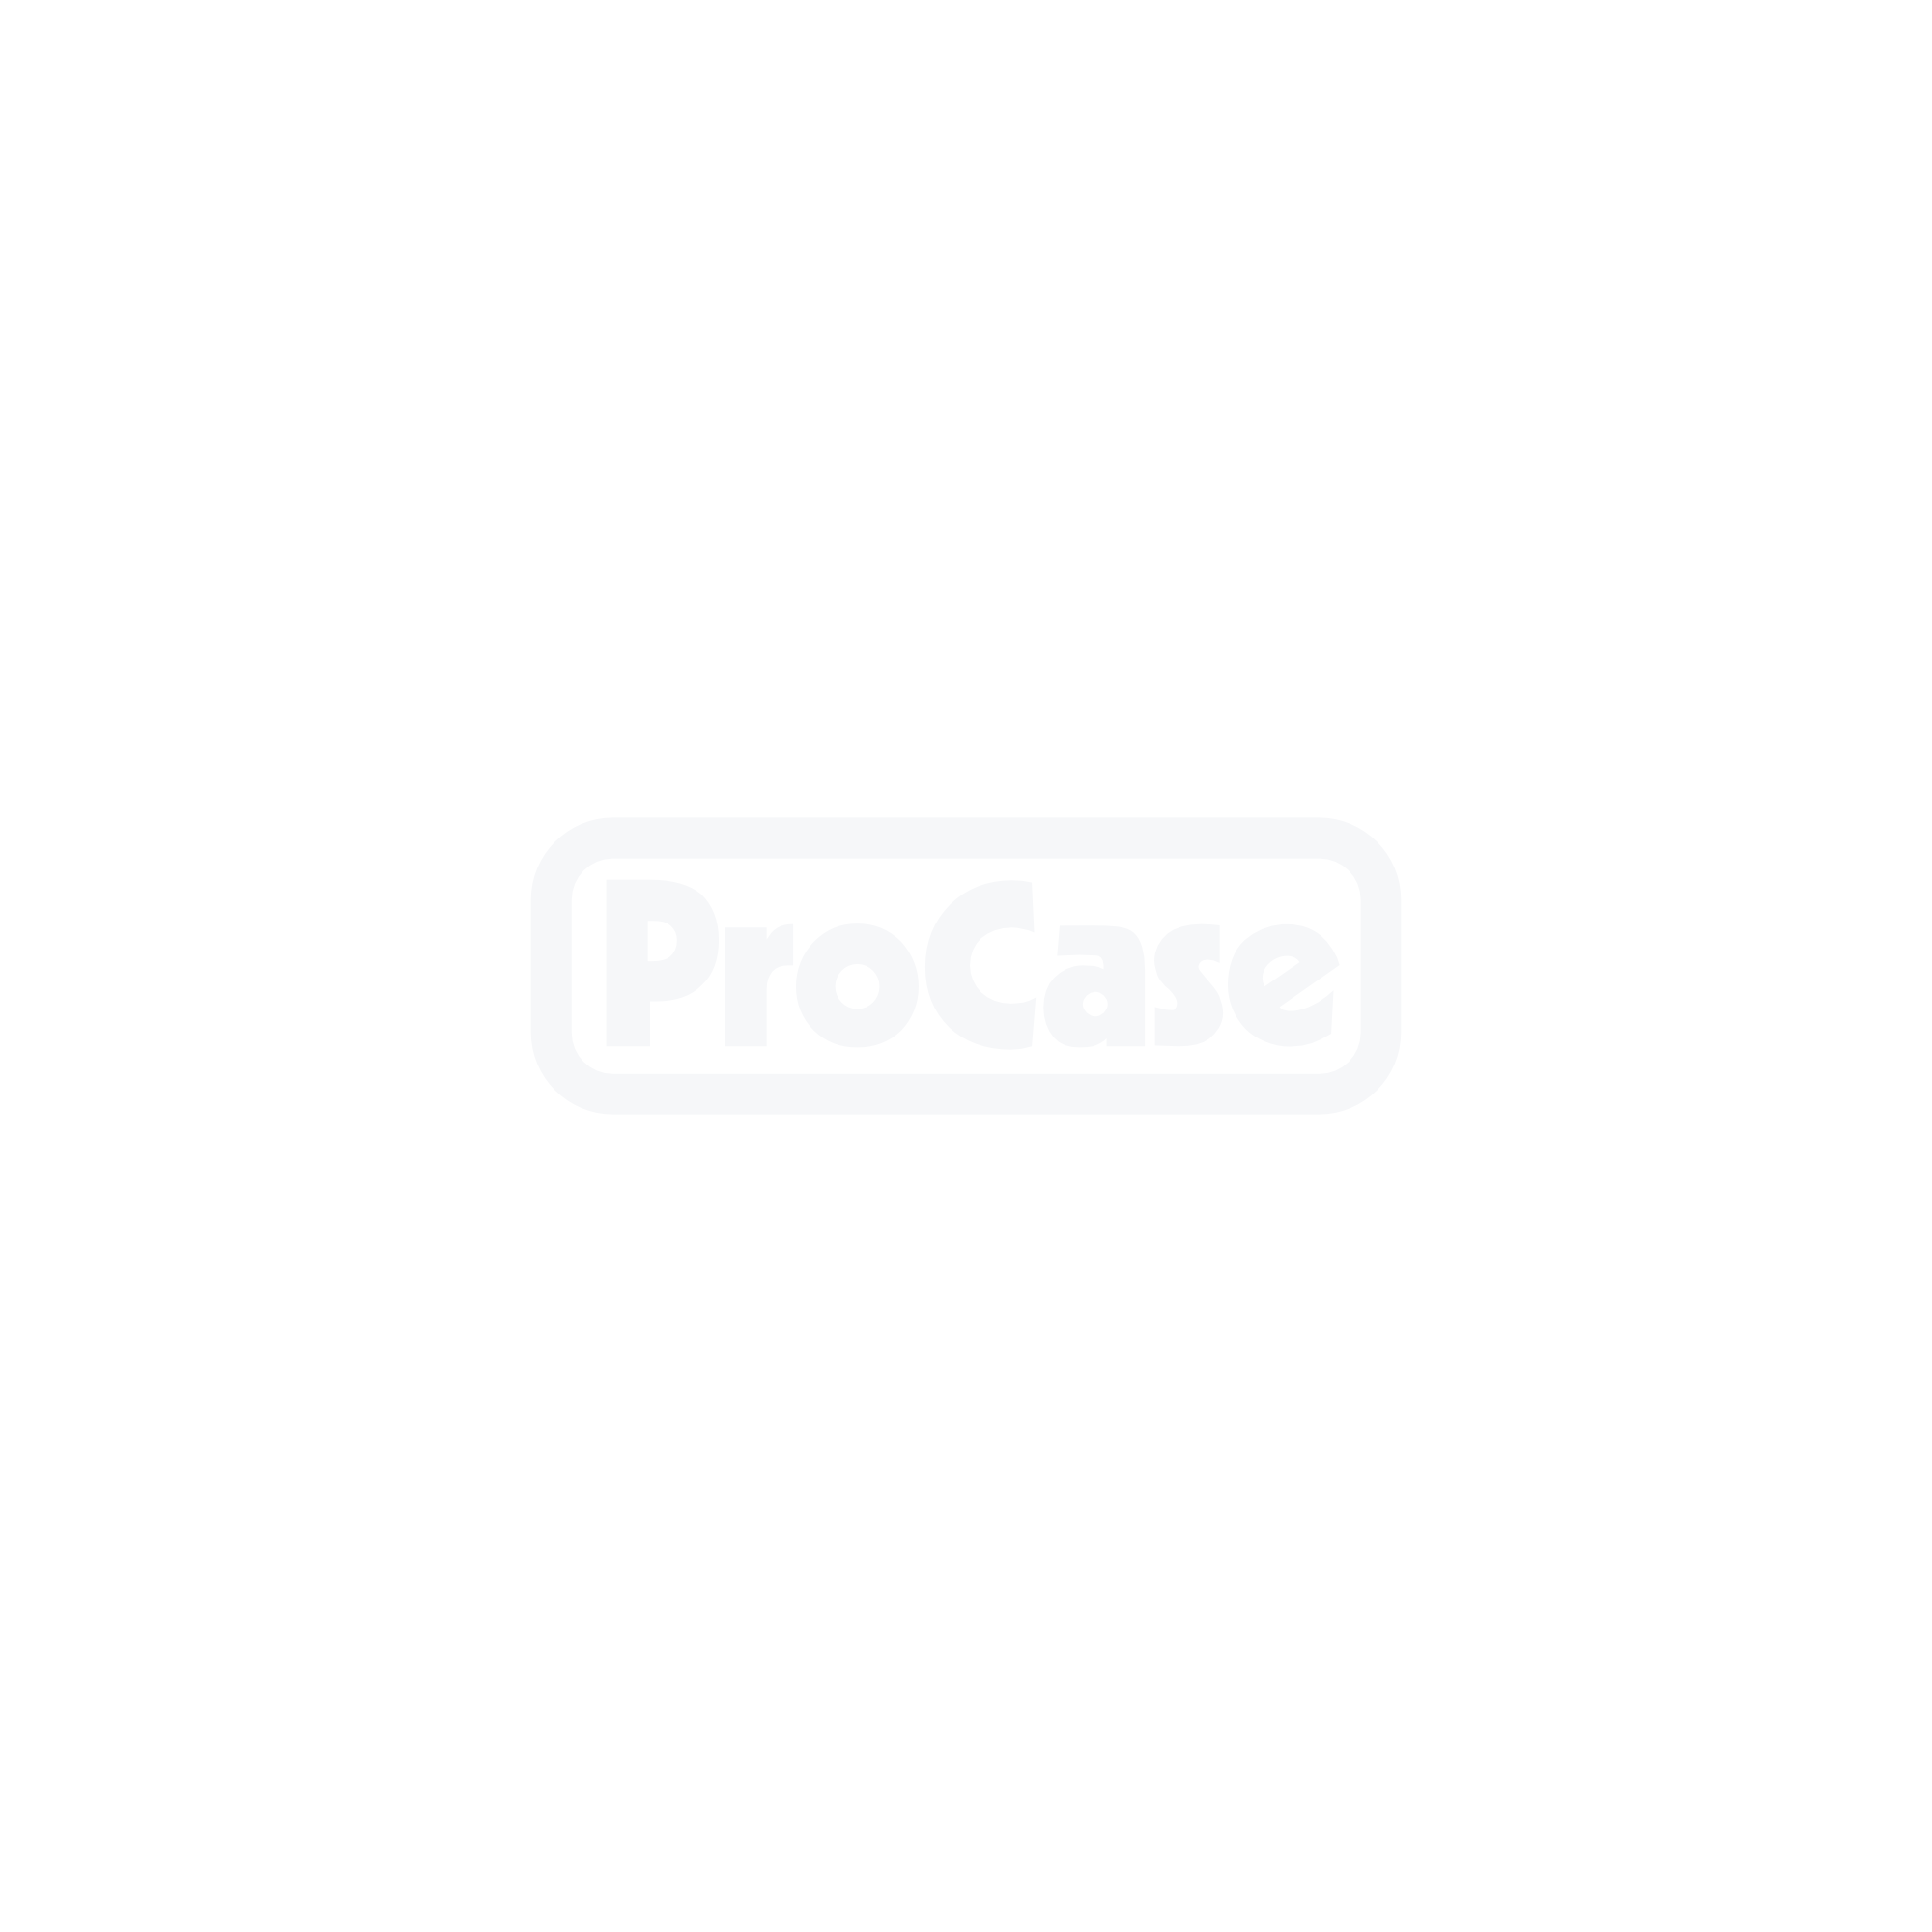 QSD Stack-Rack 2HE 600 tief 2